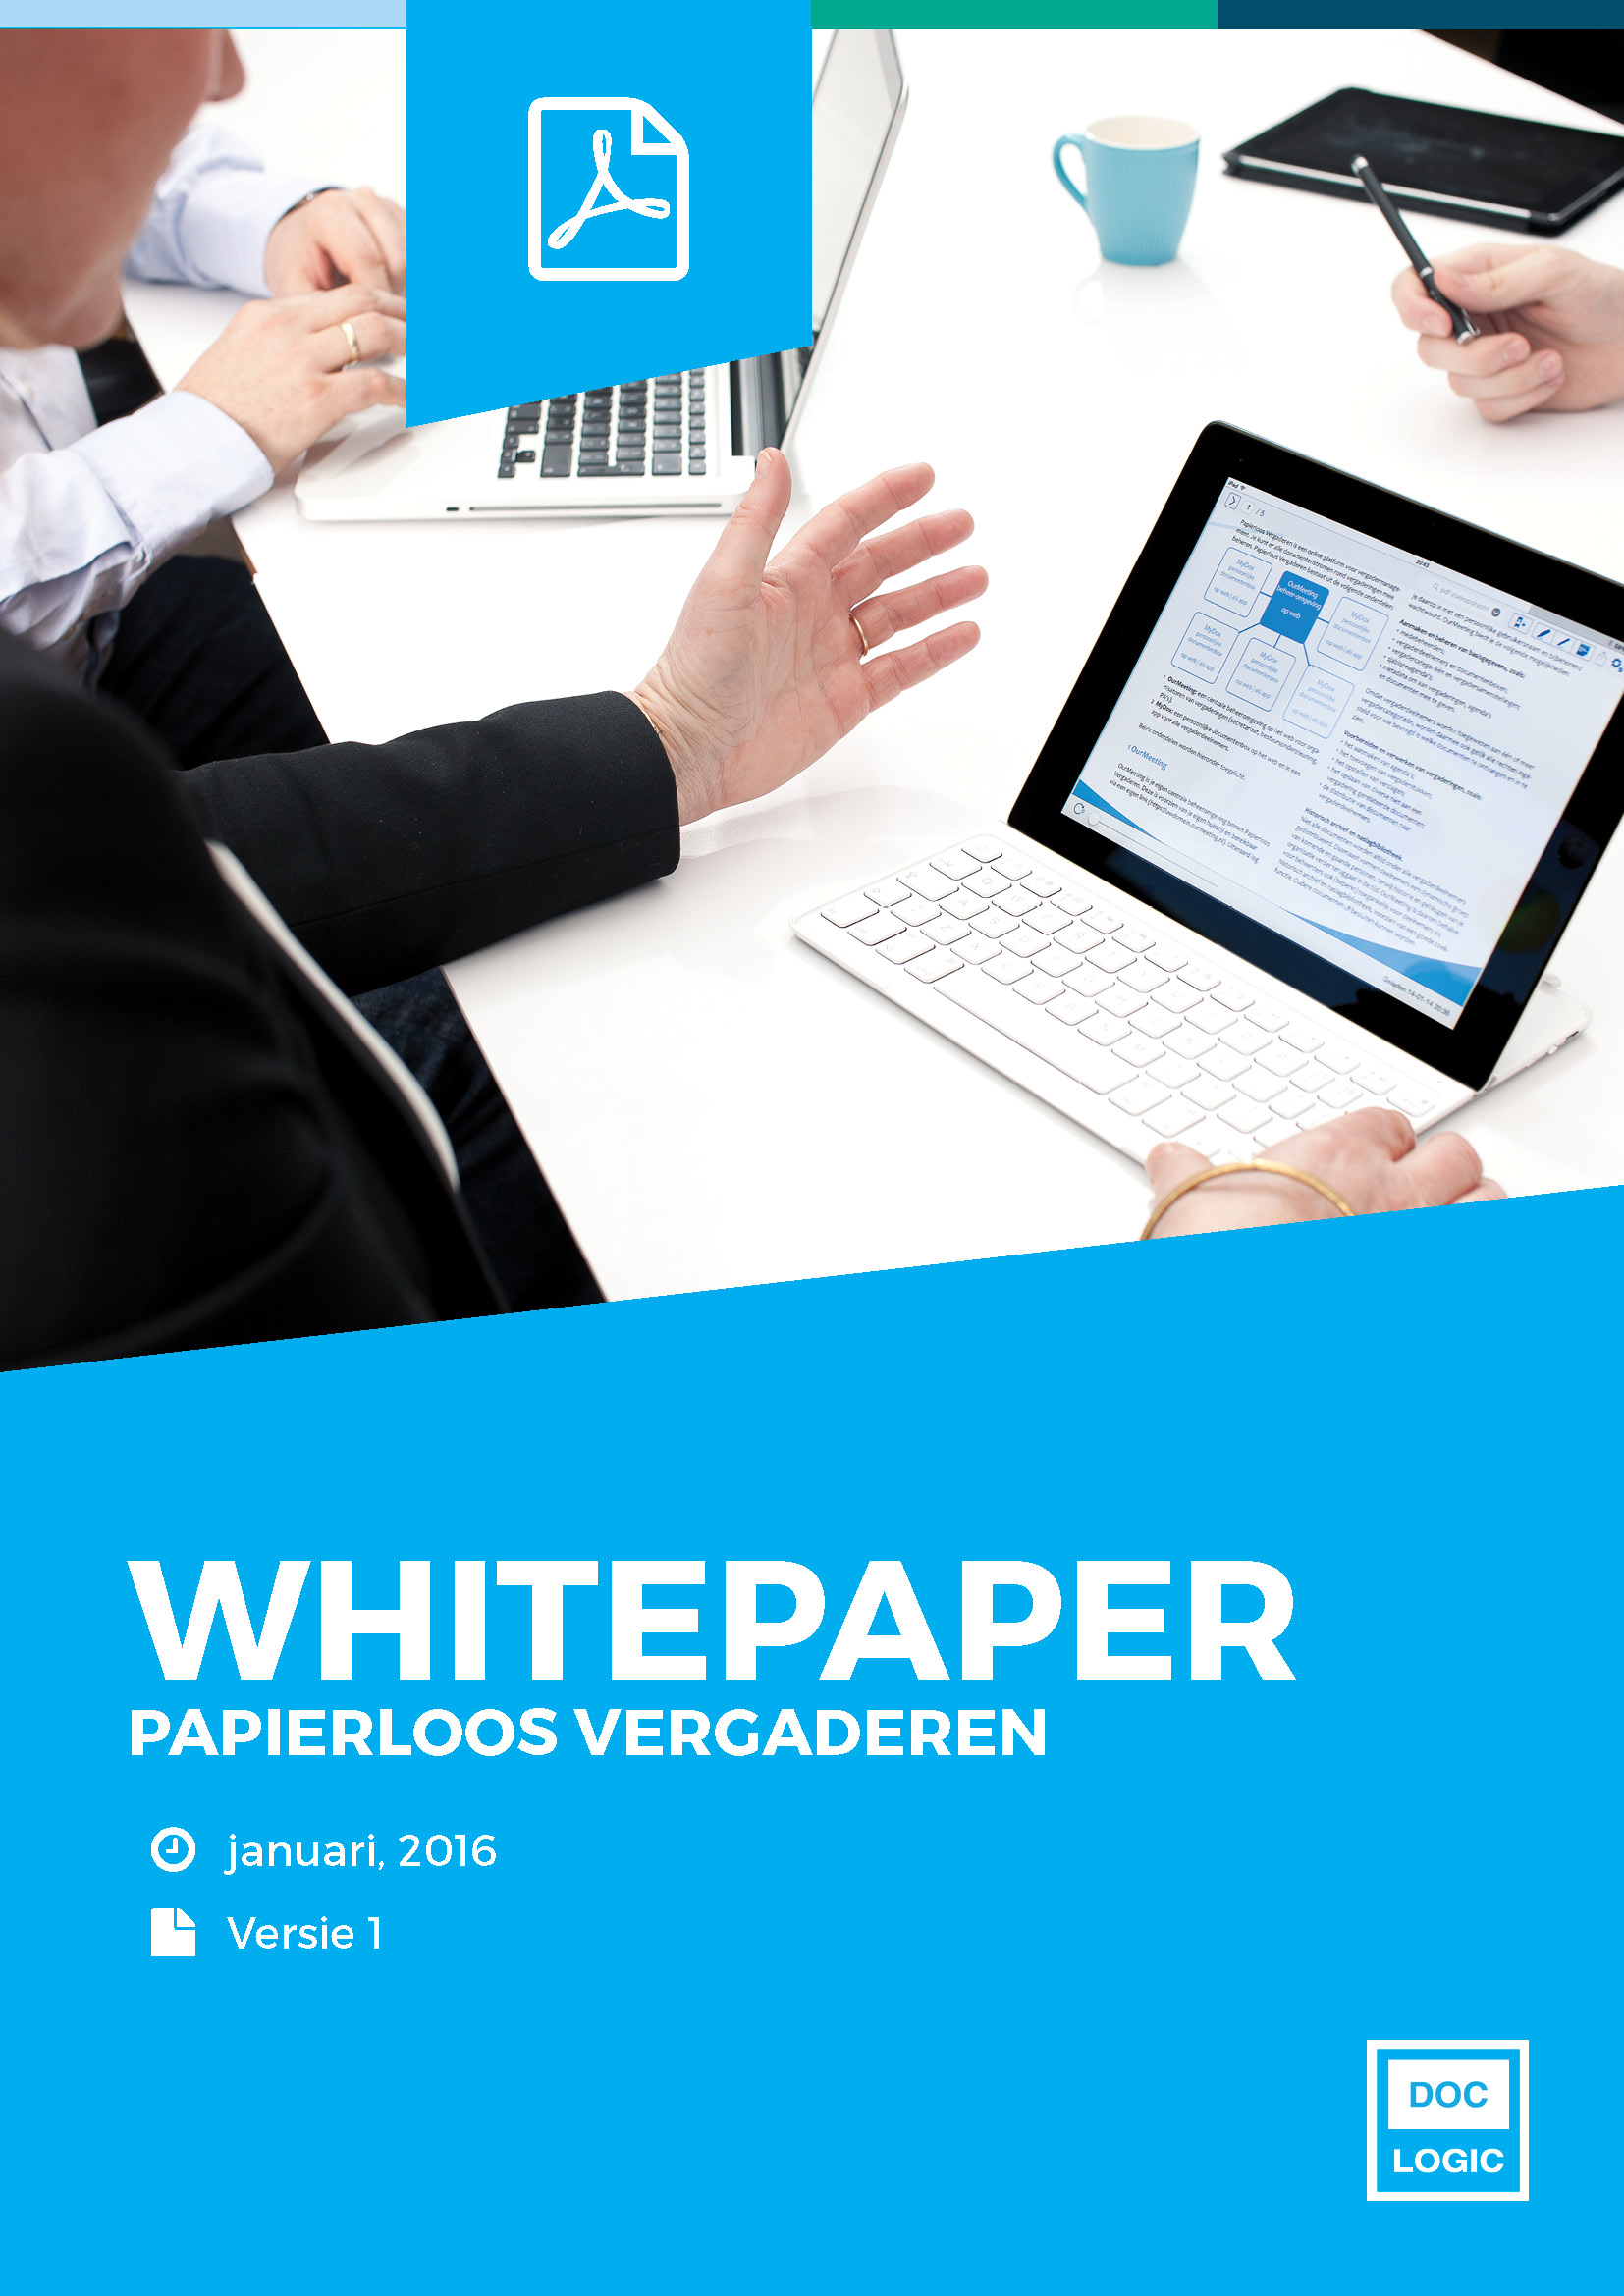 Papierloos vergaderen